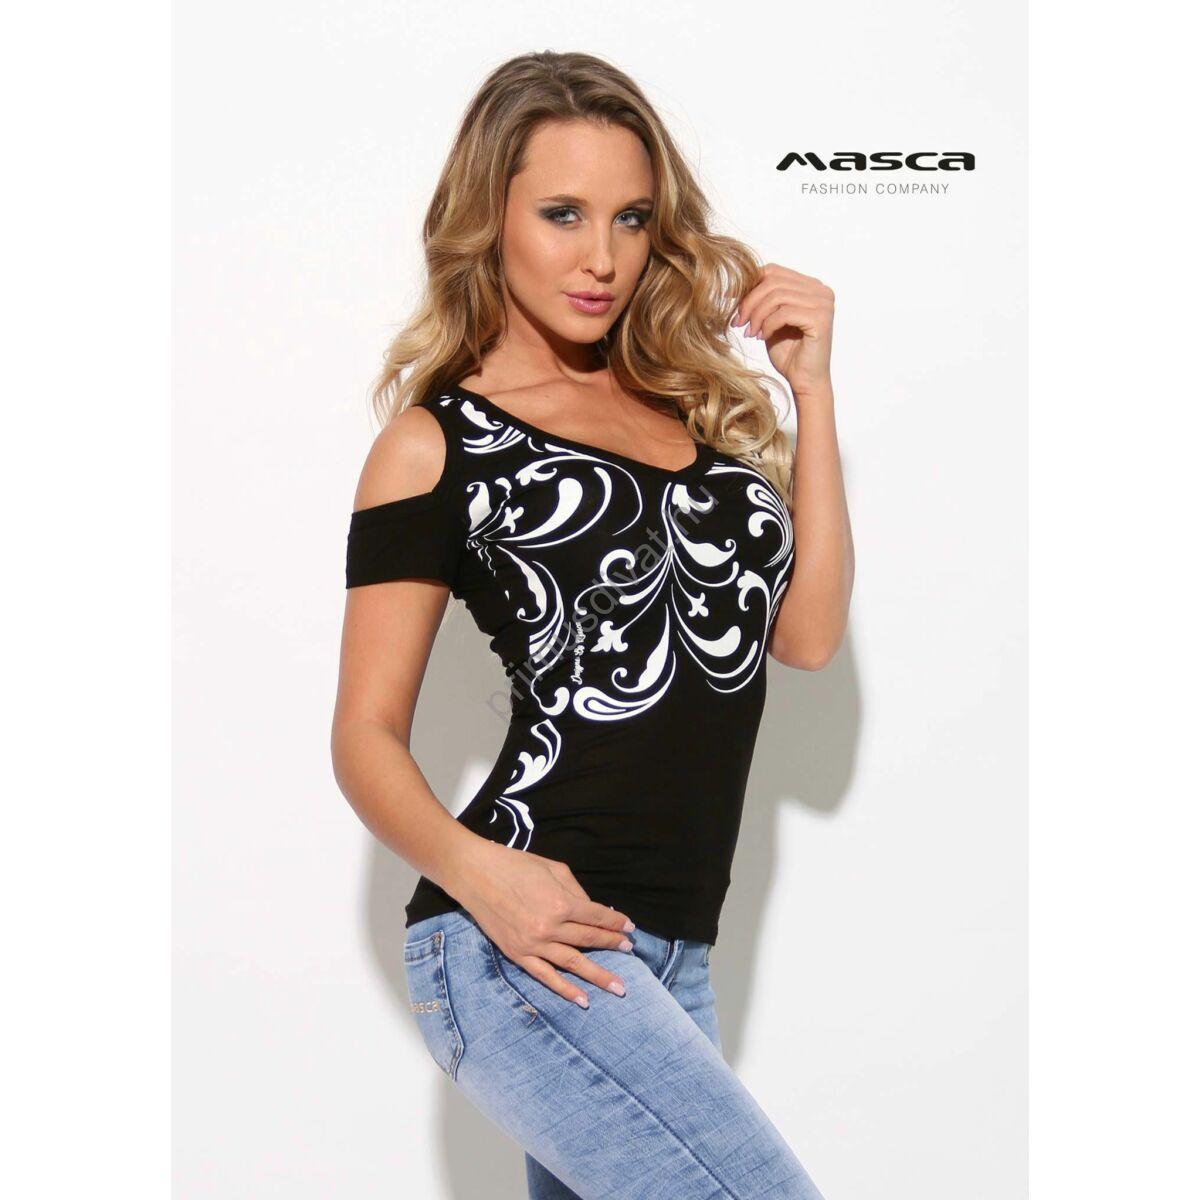 07dcfd7846 Kép 1/1 - Masca Fashion nyitott vállú, V-nyakú fekete felső, elején nyomott  fehér indamintával